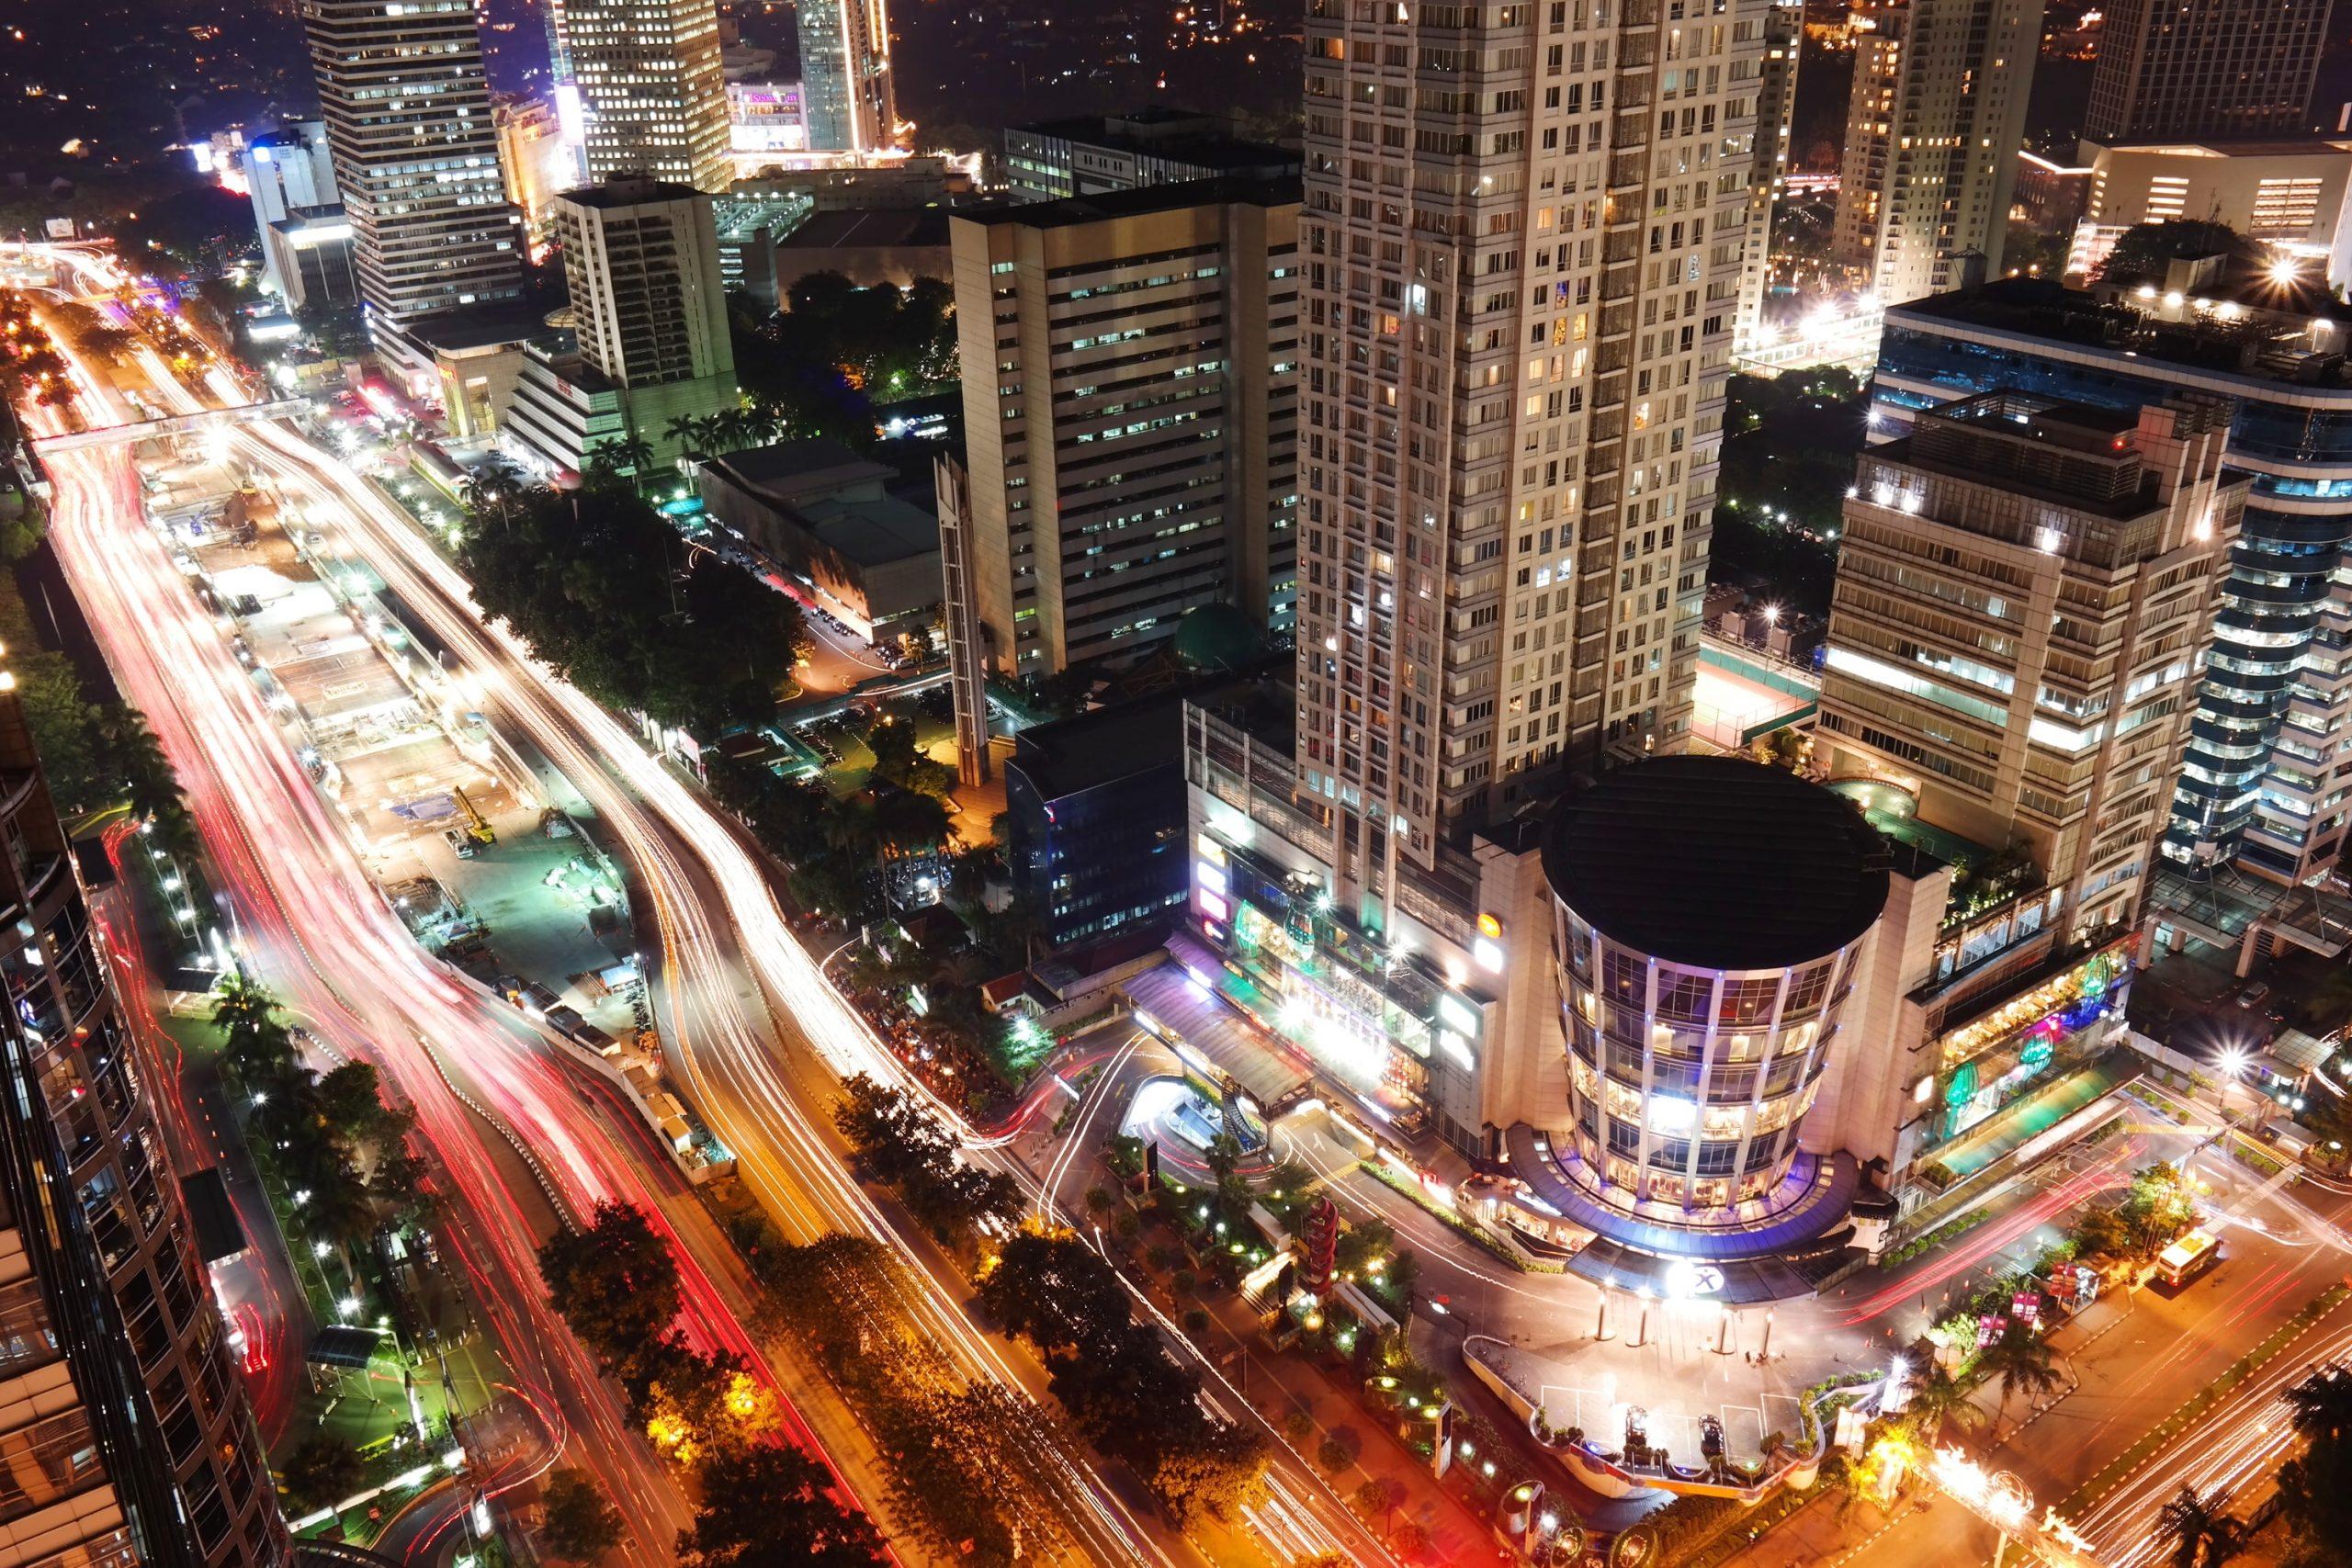 Gambar 1 Suasana Kota Jakarta Di Malam Hari.